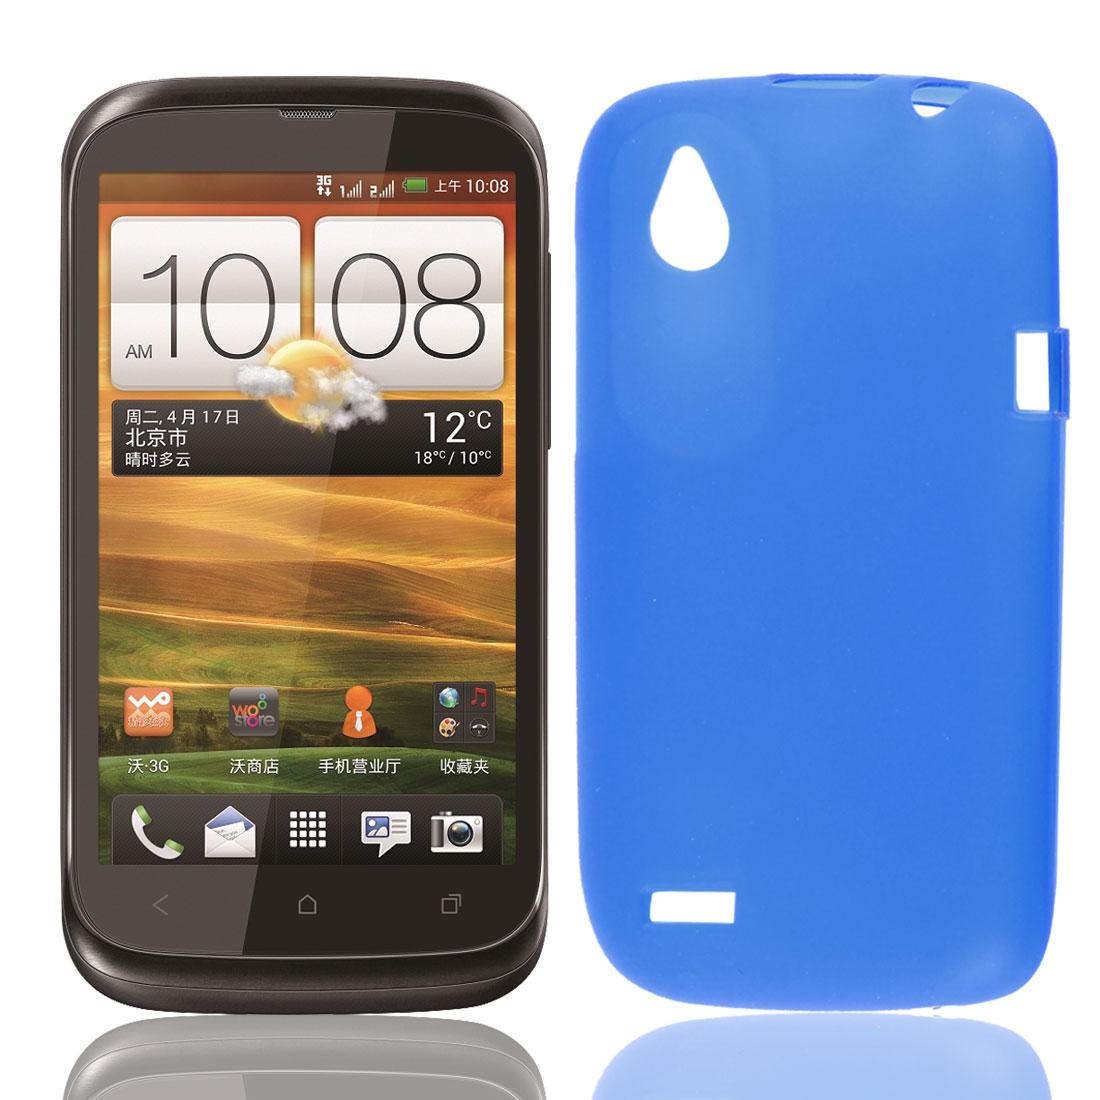 Soft Plastic Case Cover Protector Guard Sea Blue for HTC Desire V T328W